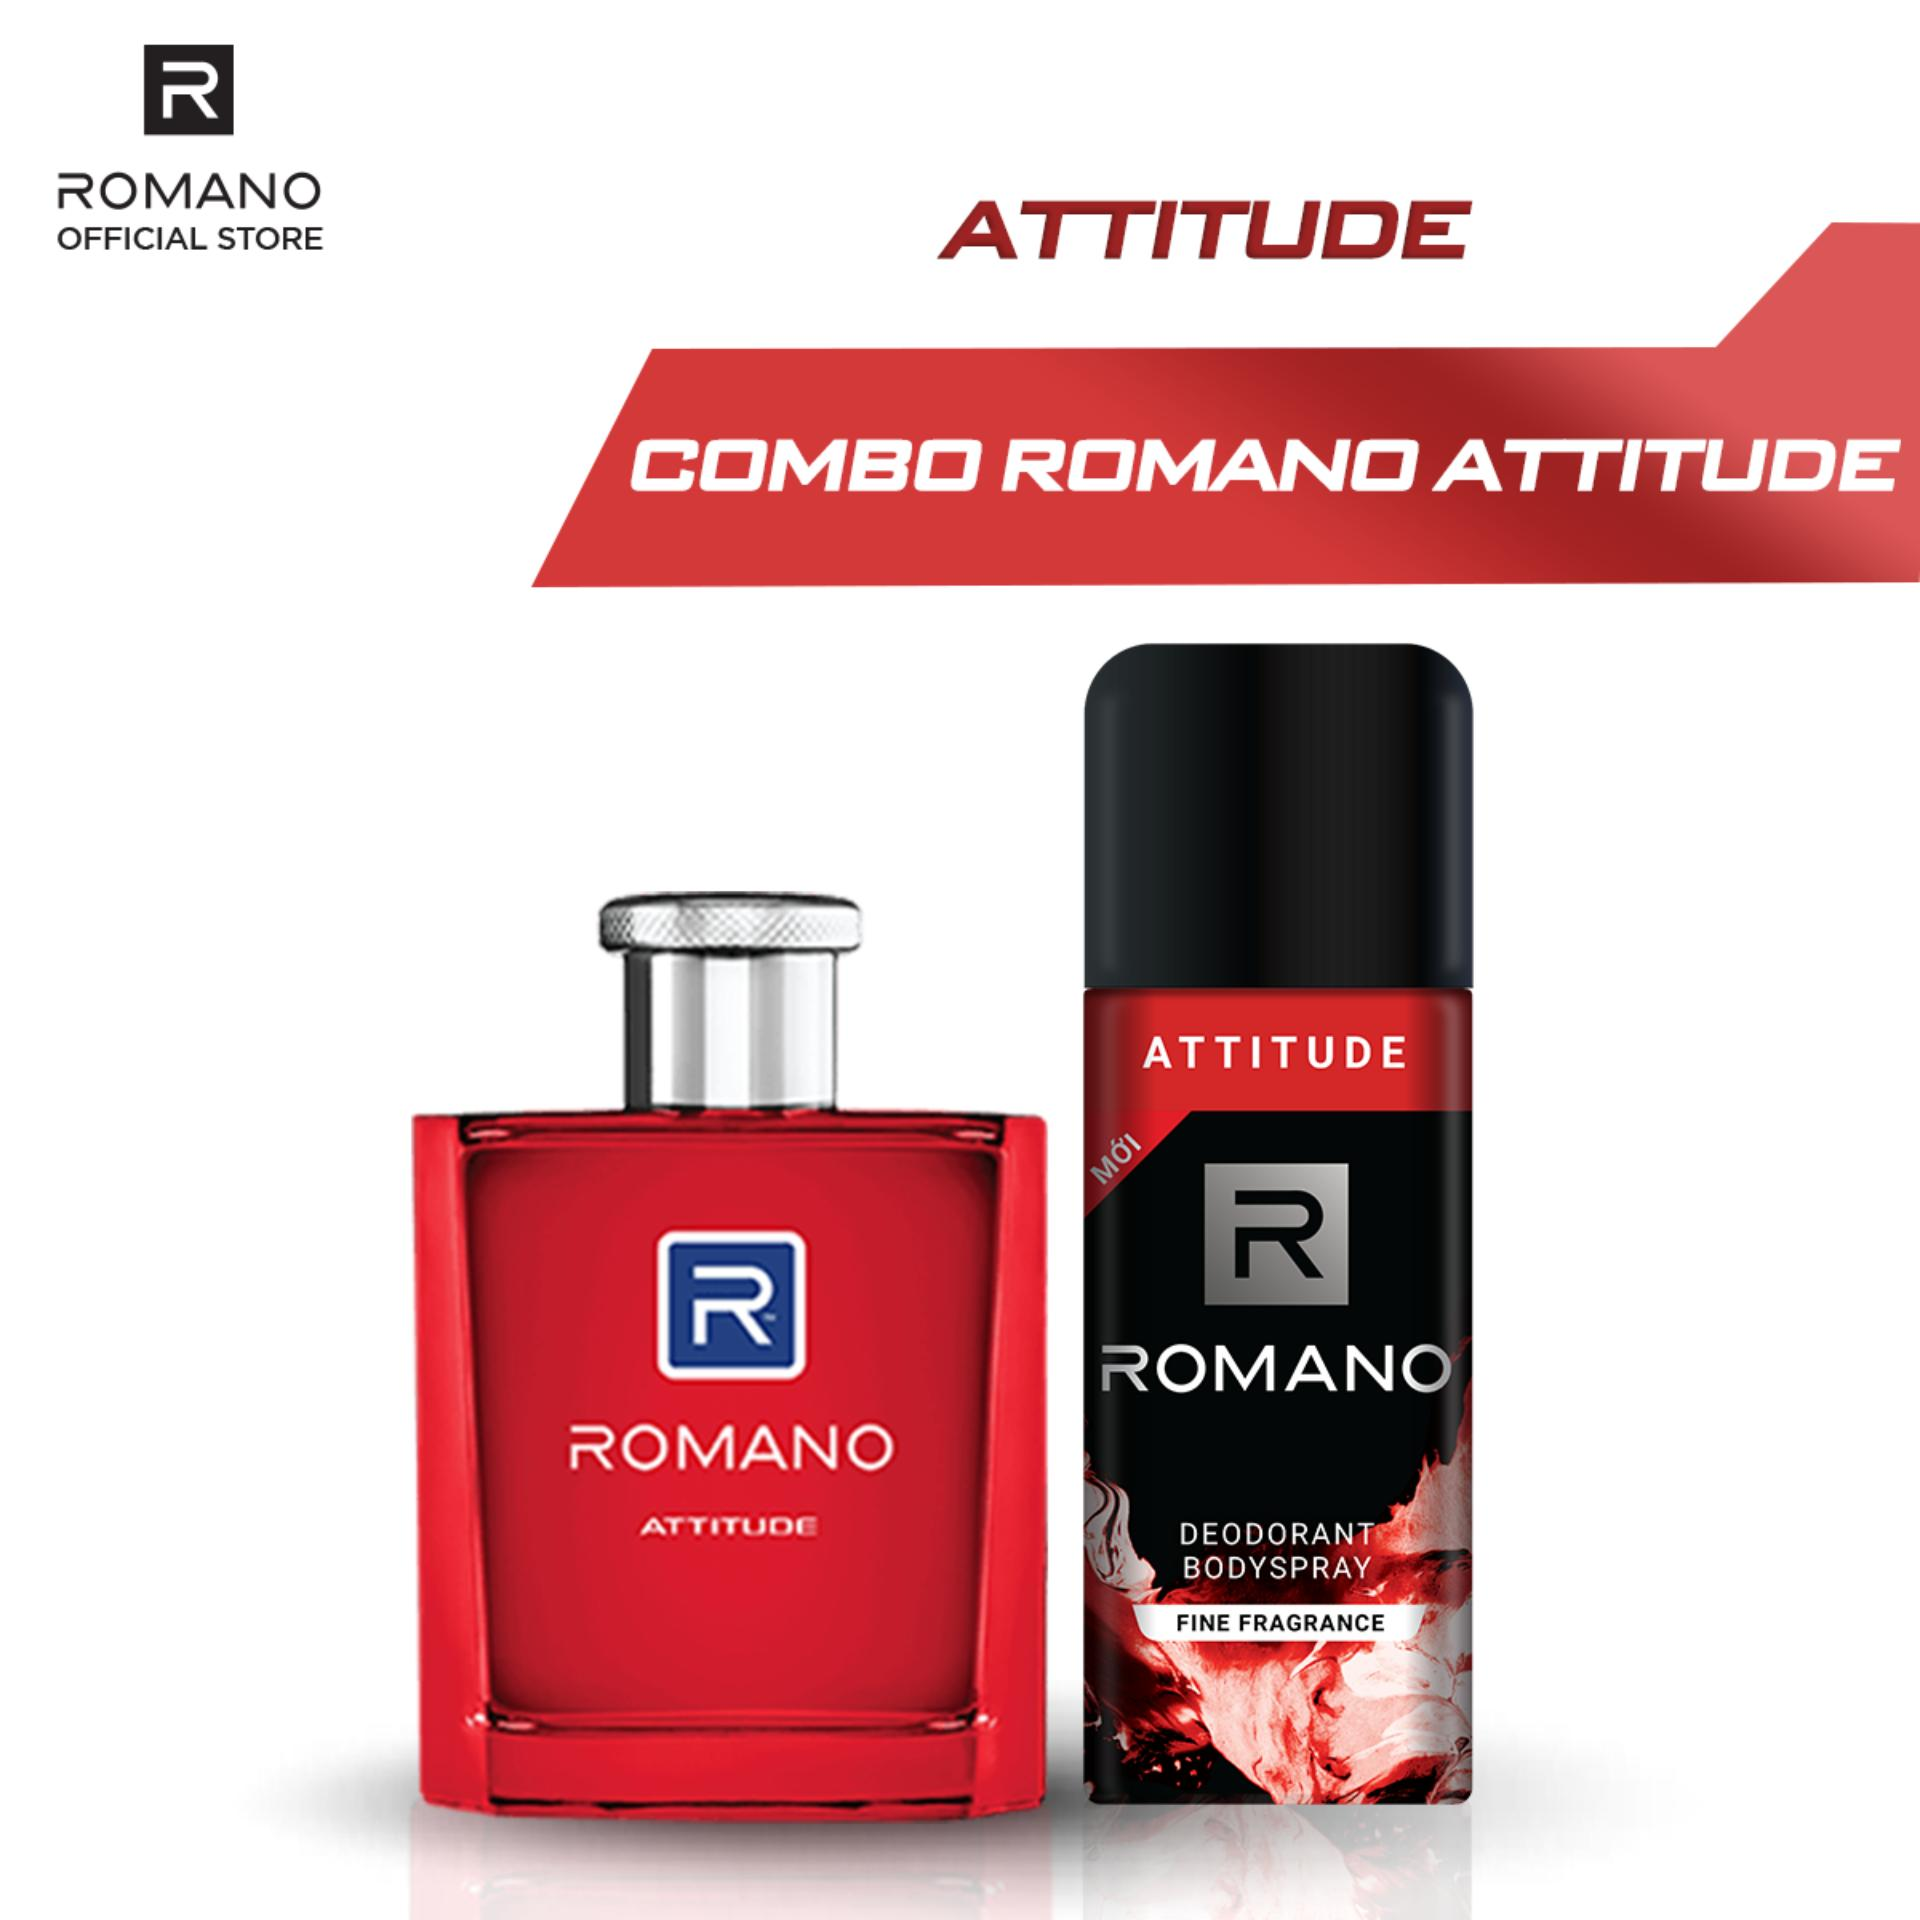 Combo Nước hoa Romano Attitude 50ml và Xịt toàn thân Attitude 150ml cao cấp